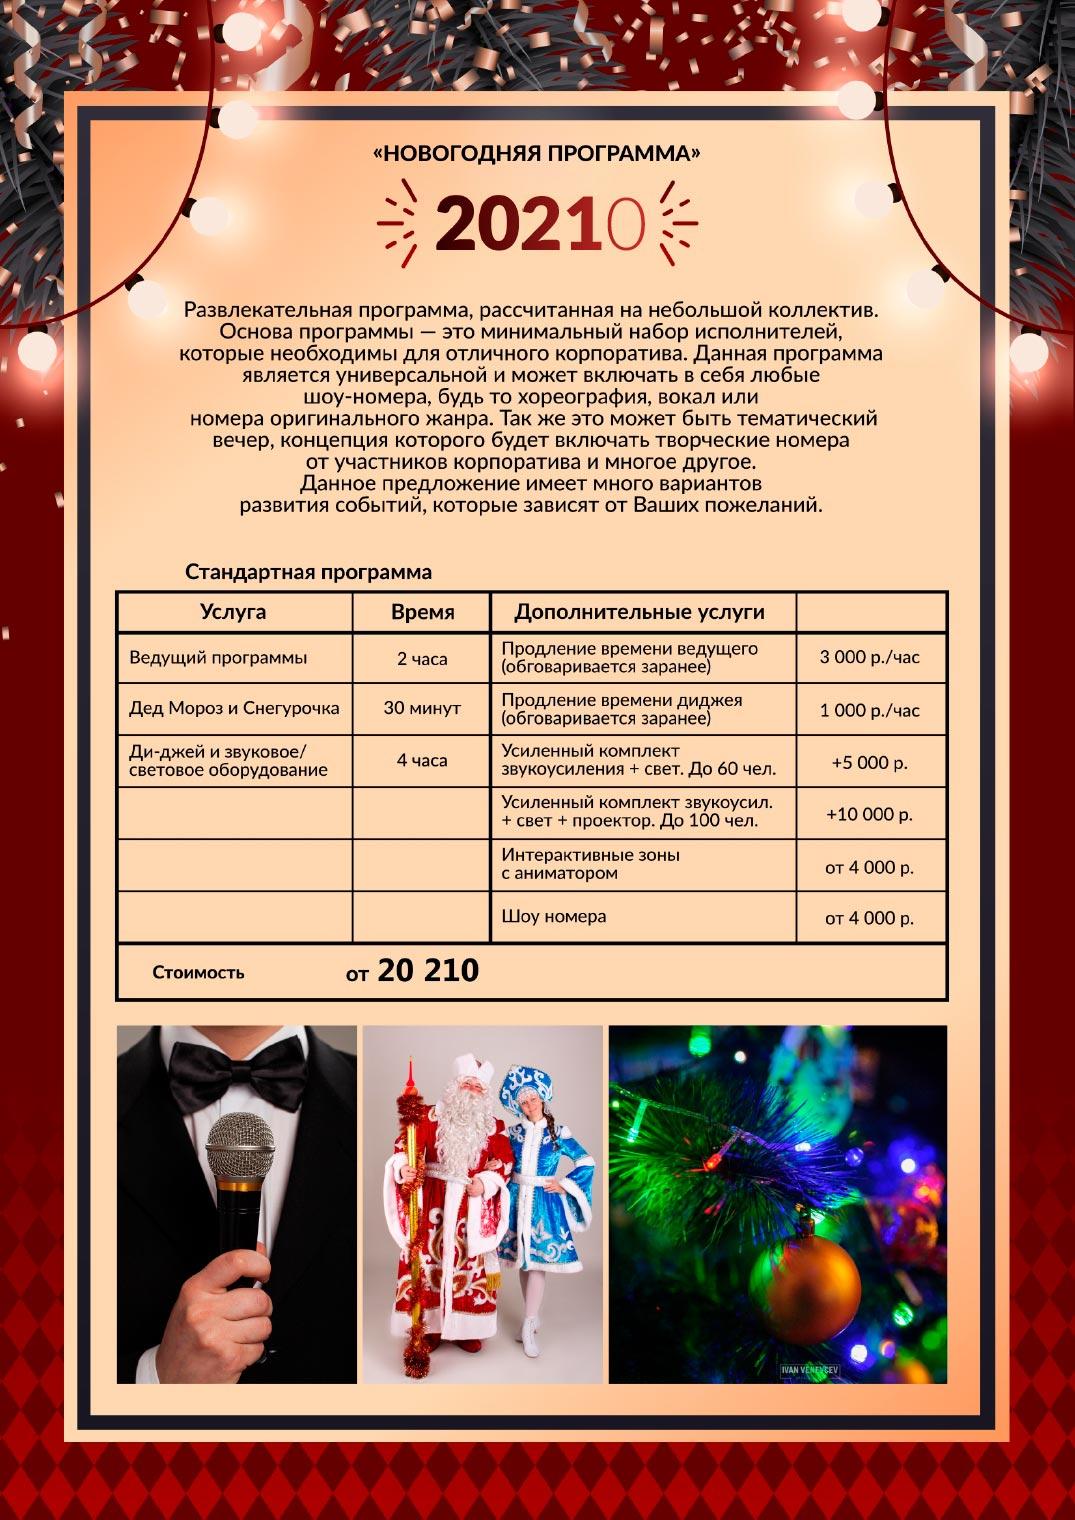 novogodnee_predlozhenie_2021_33-5